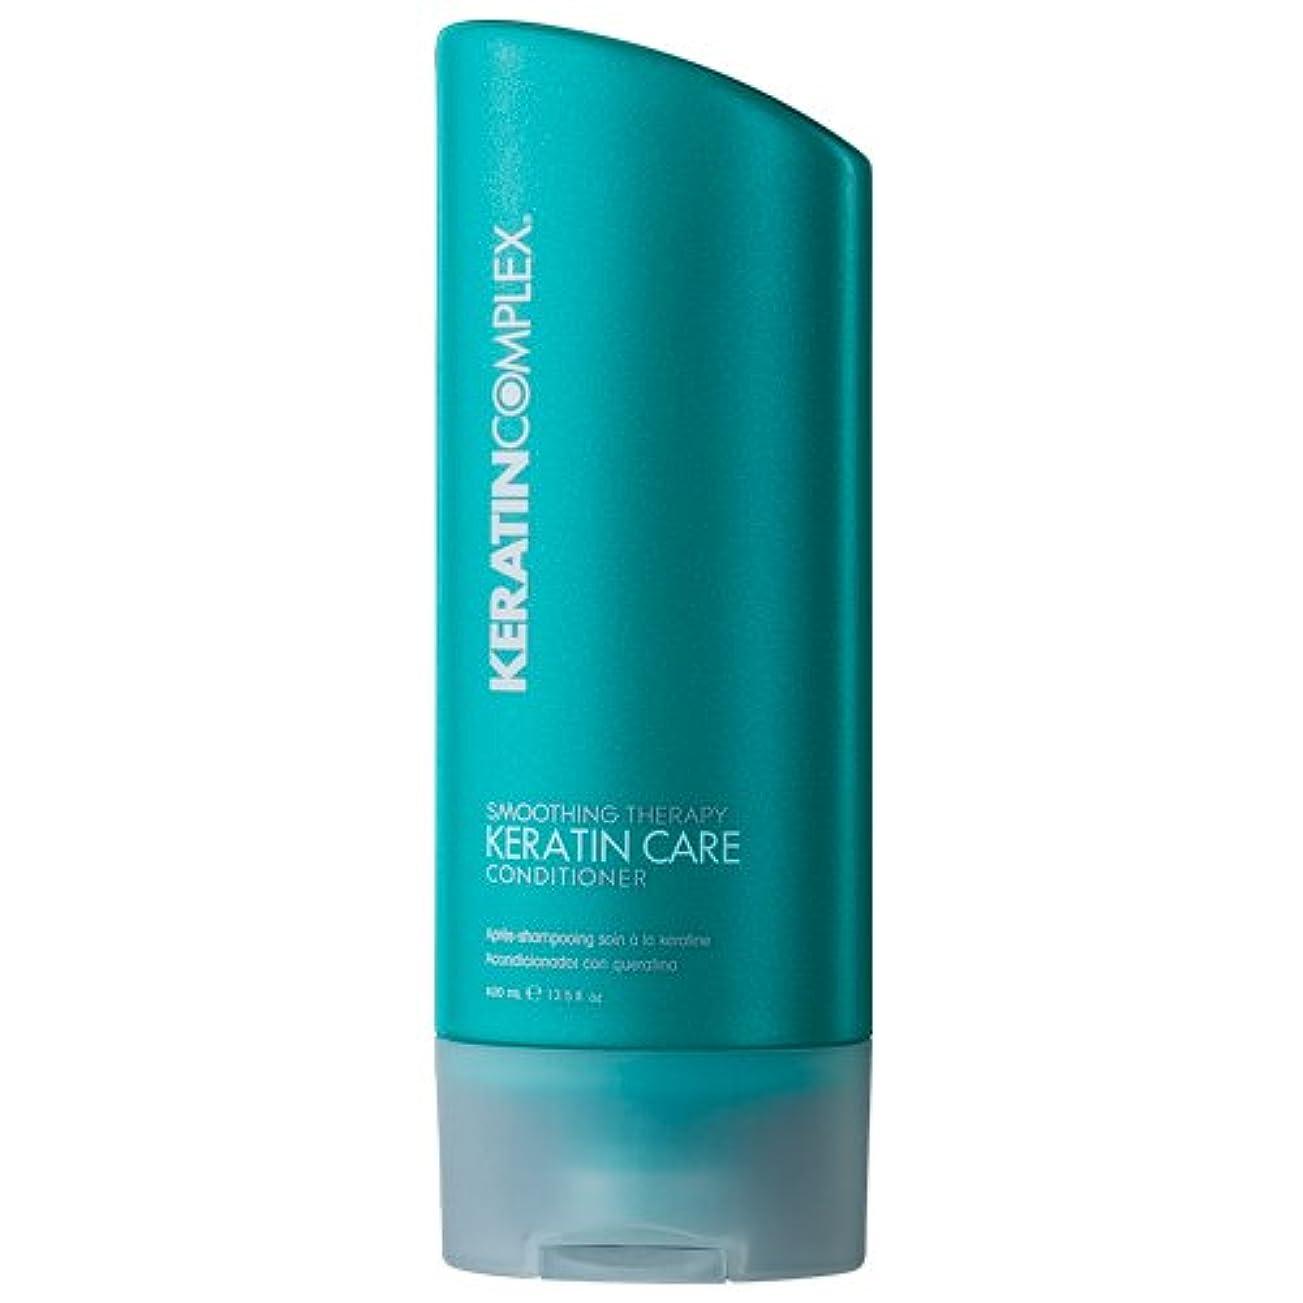 にんじん性的社会科Smoothing Therapy Keratin Care Conditioner (For All Hair Types) - 400ml/13.5oz